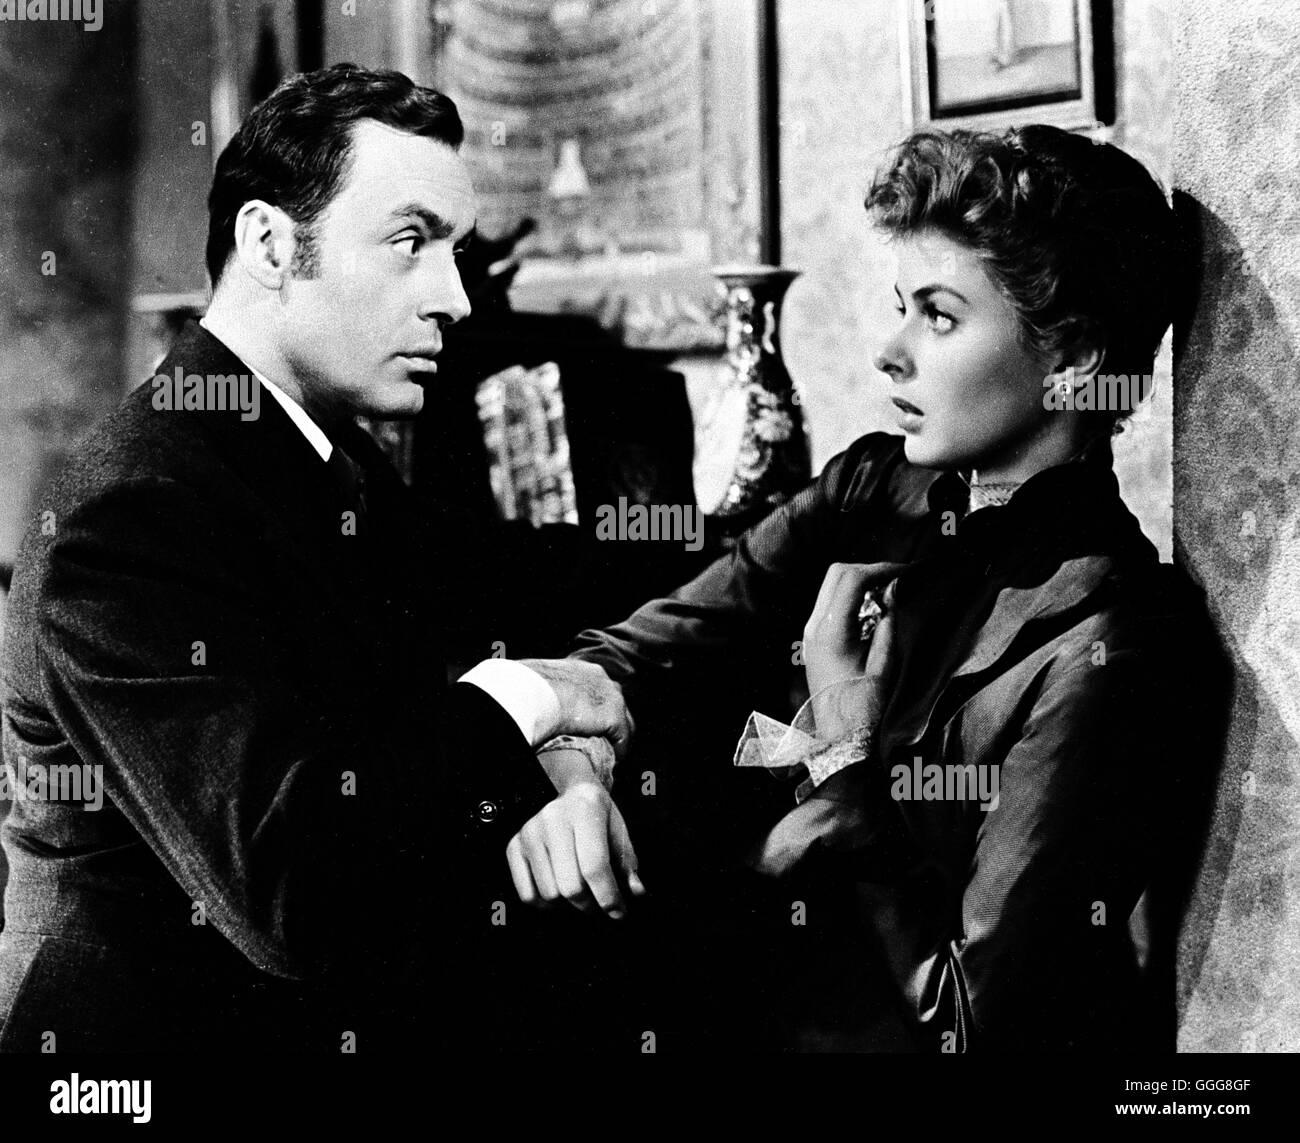 DAS HAUS DER LADY ALQUIST / Gaslight USA 1944 / George Cukor CHARLES BOYER, INGRID BERGMAN, 'Gaslight', 1944. Regie: George Cukor aka. Gaslight Stock Photo